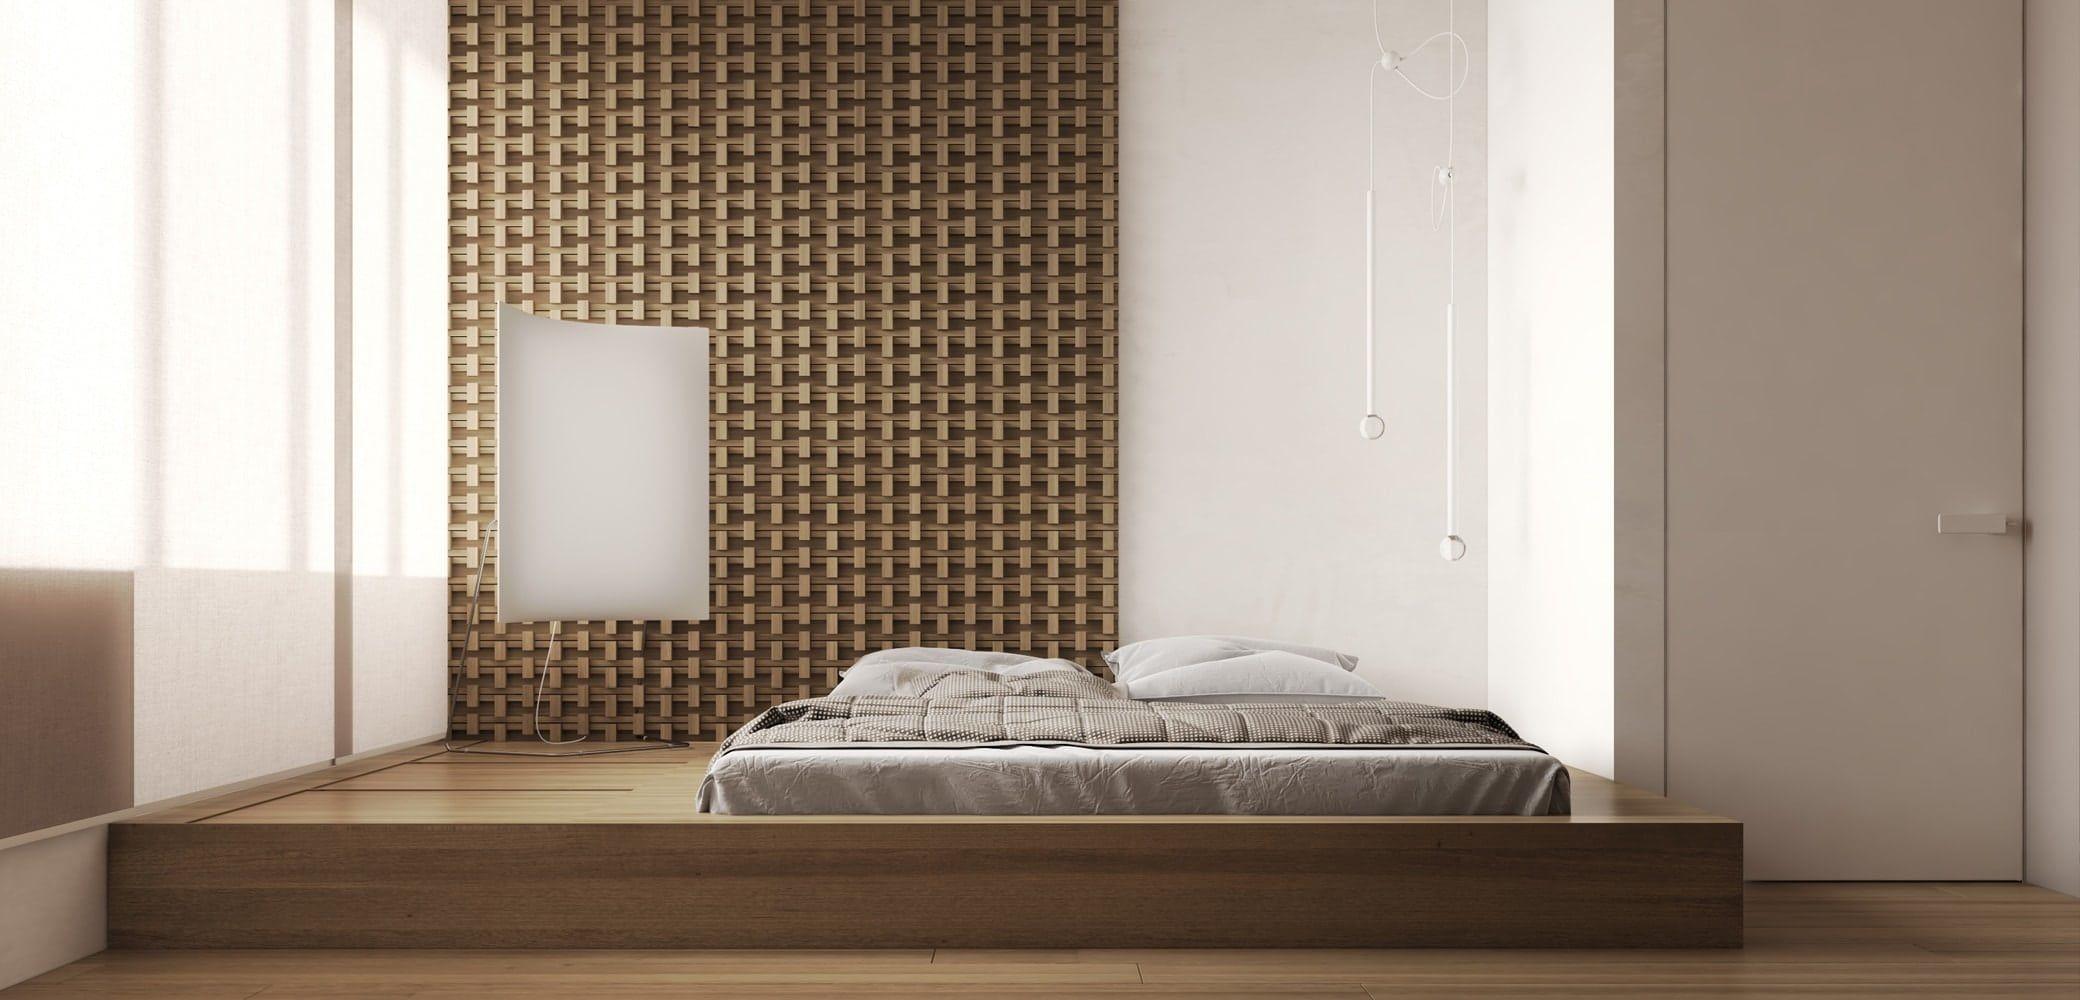 Phòng ngủ thứ hai có nội thất gỗ ấm làm chủ đạo